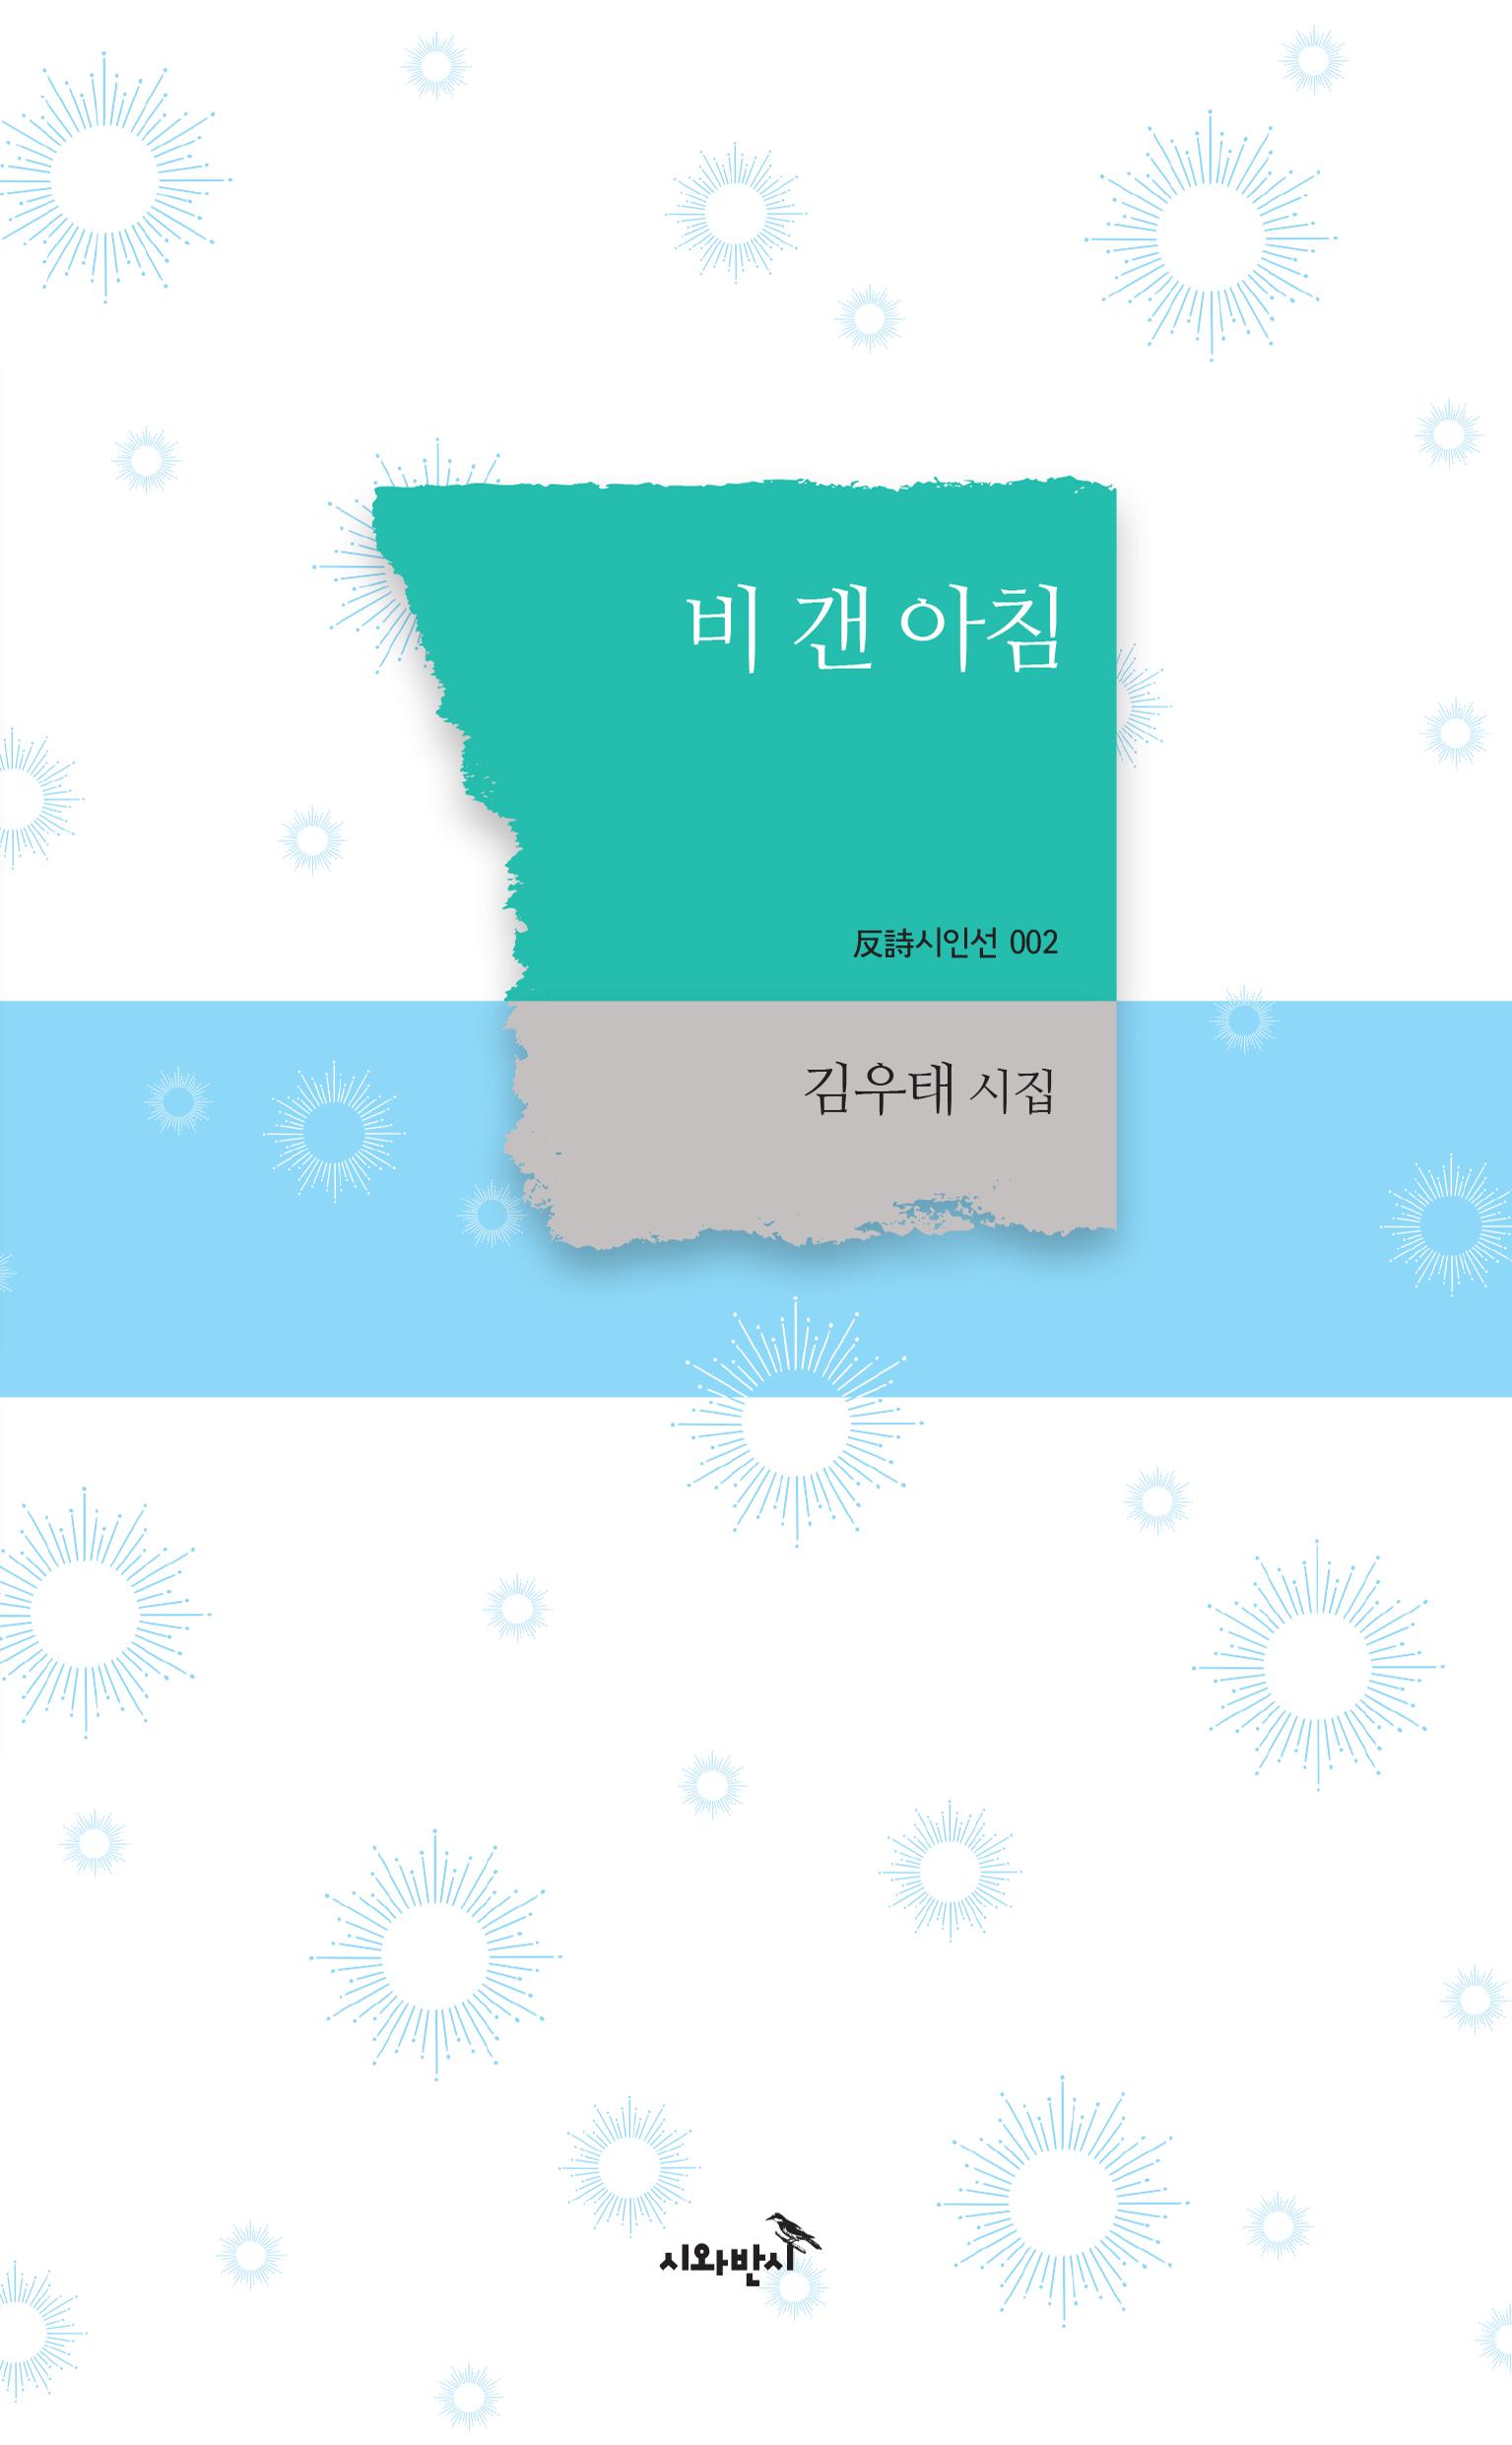 [반시시인선 002] 비 갠 아침 : 김우태 시집